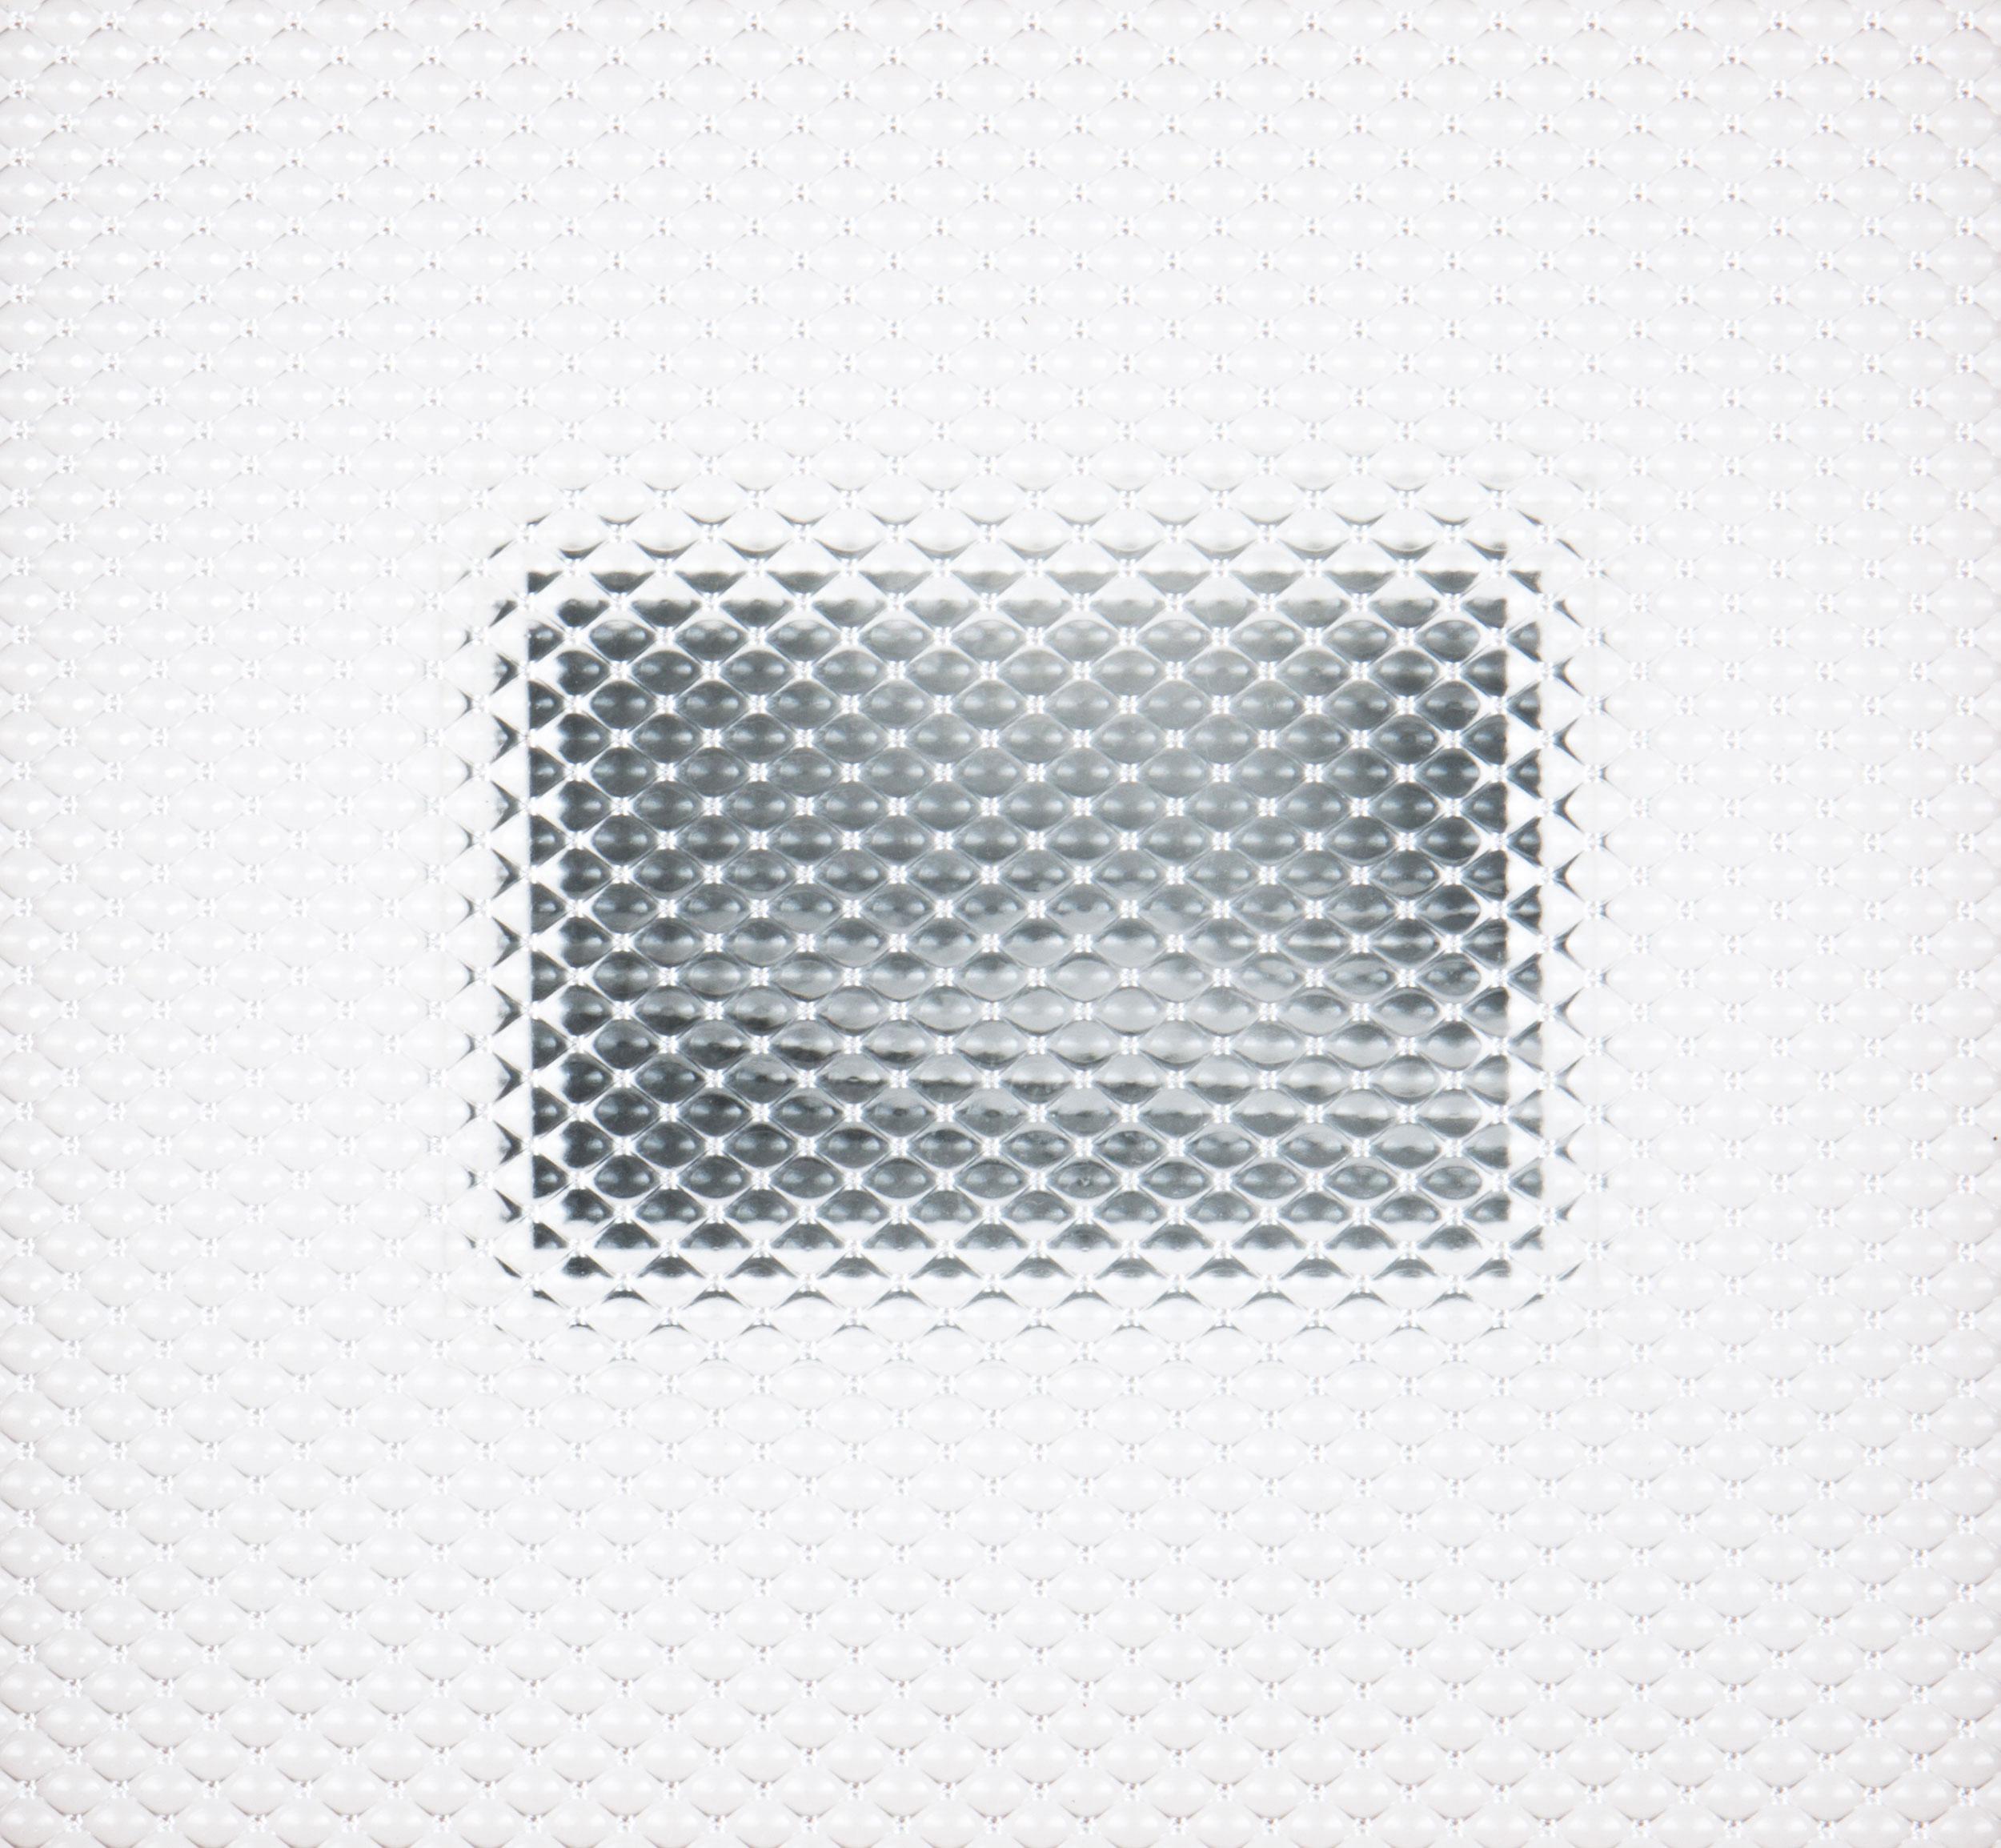 Obscured_Vistas-3.jpg